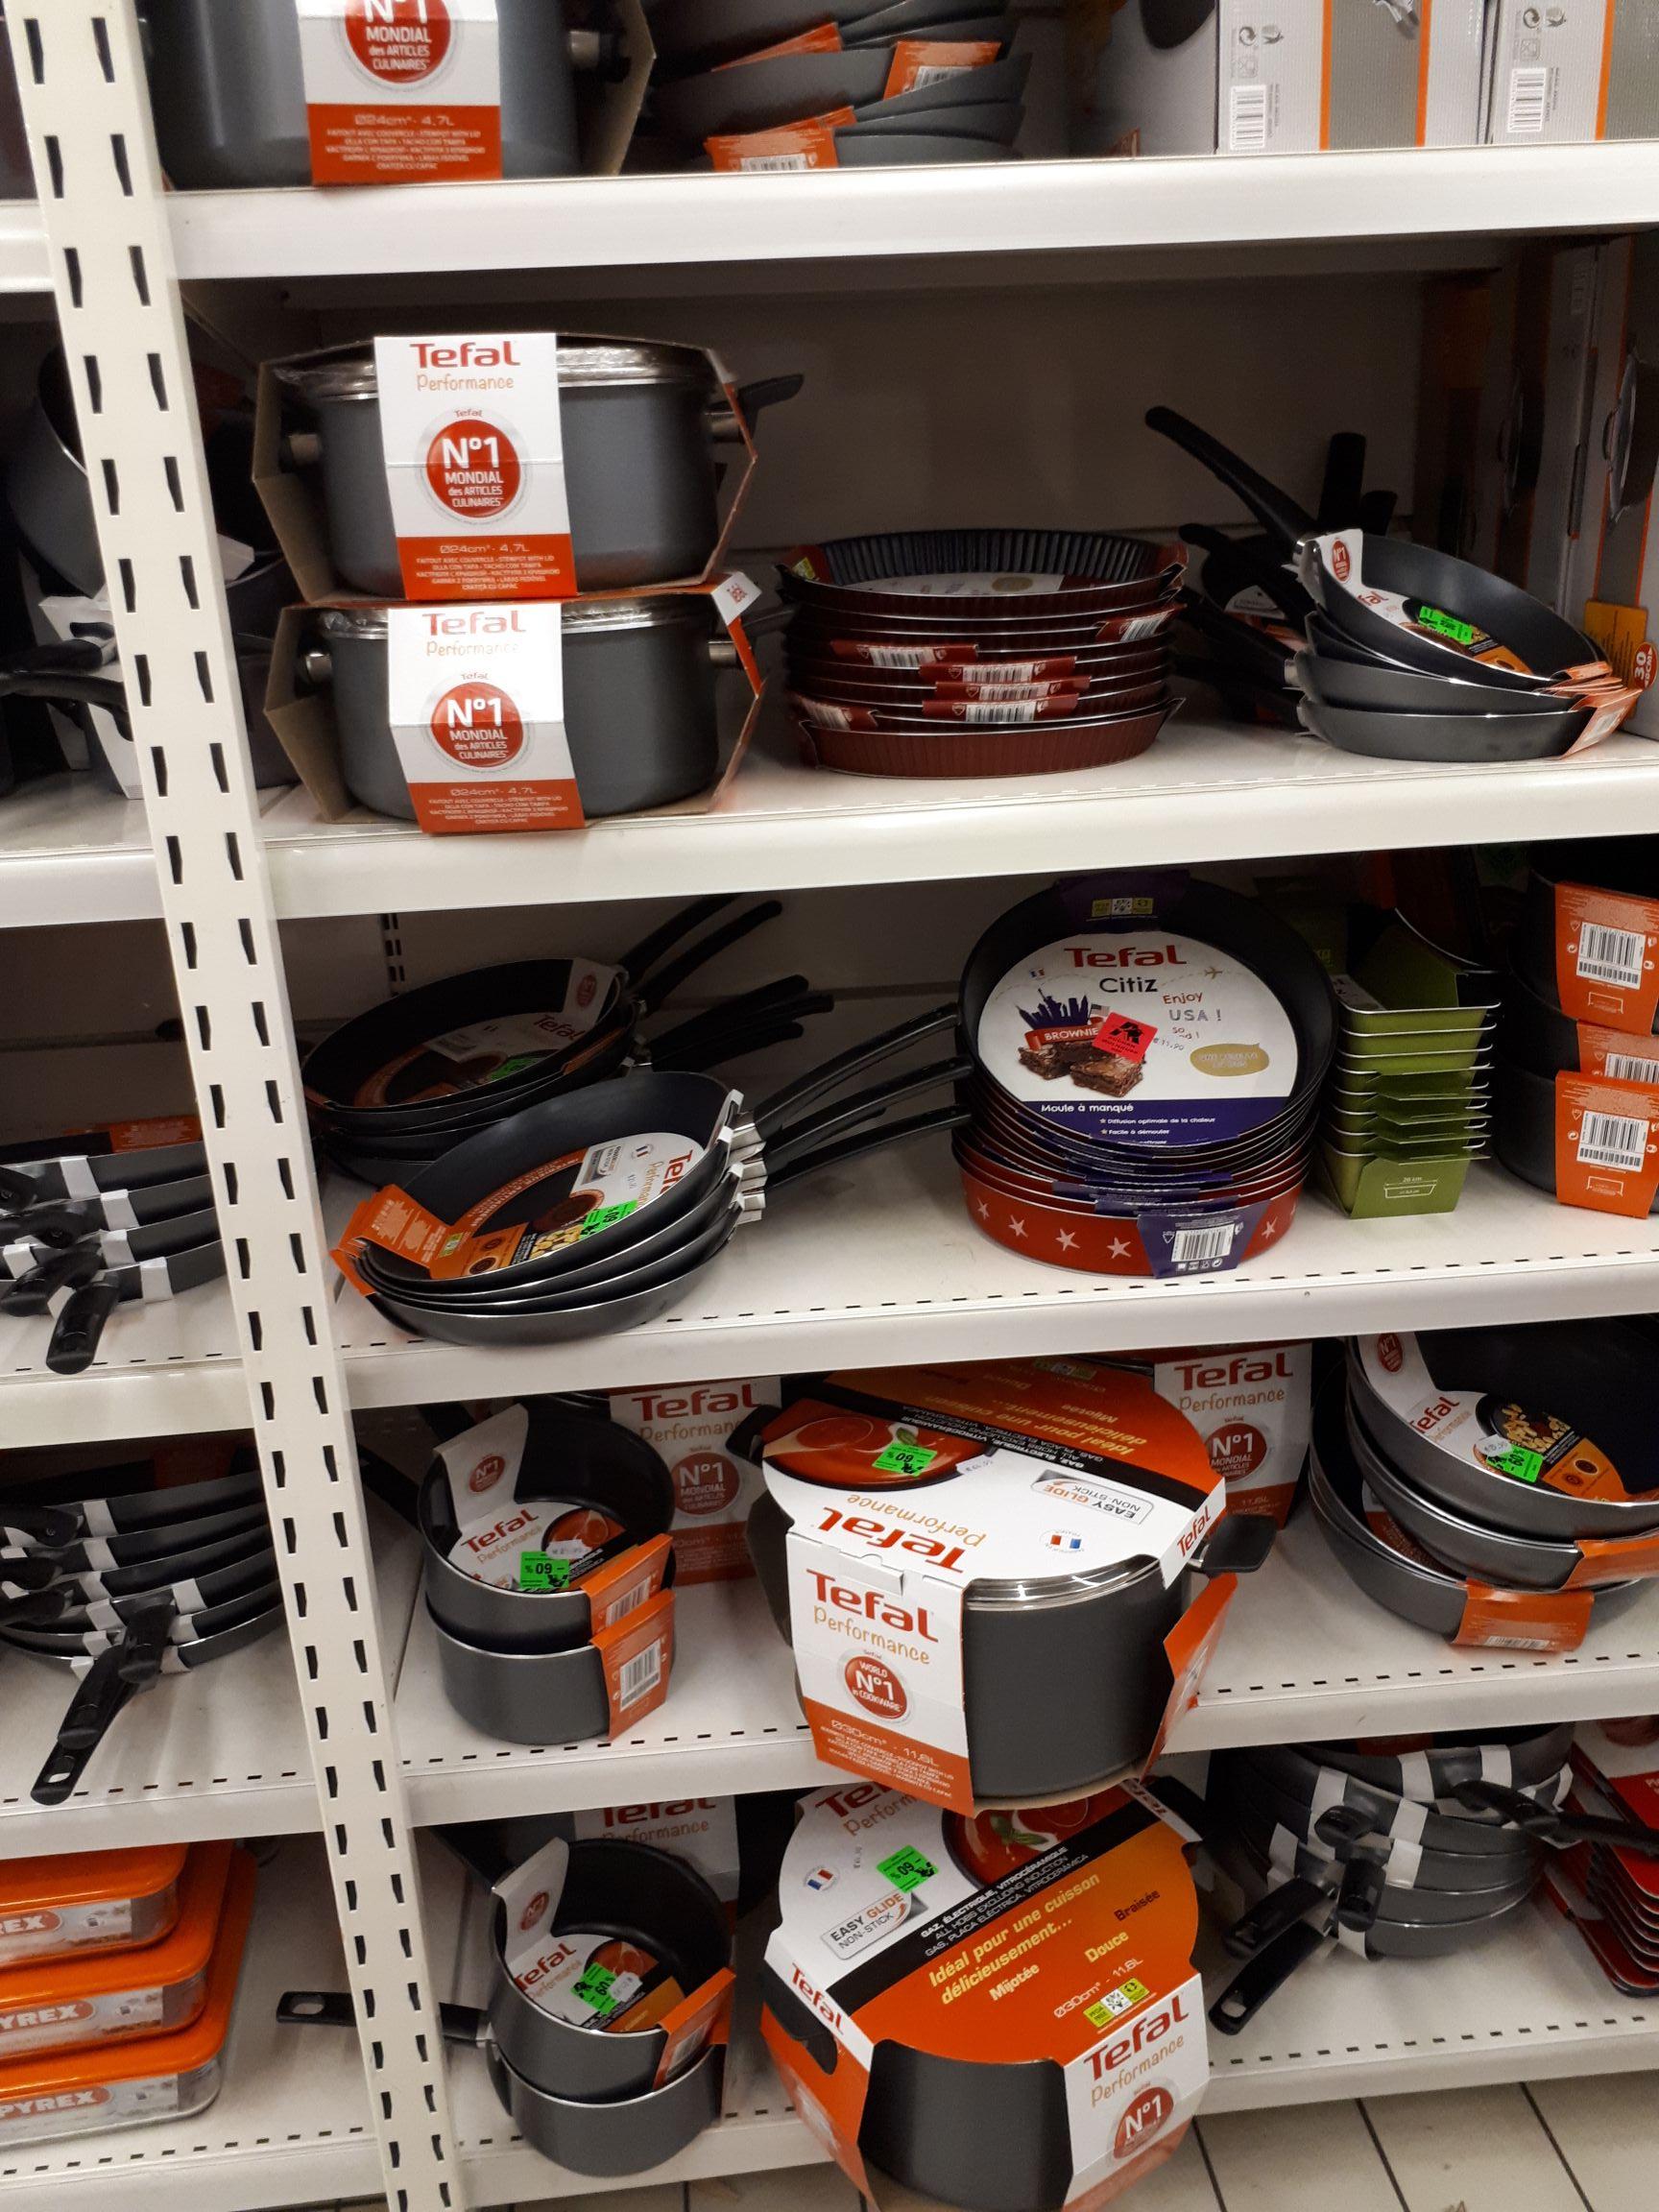 Sélection de Poêles/casseroles Tefal en promotion - Ex : Faitout - 30cm avec couvercle, Tous feux sauf induction - Auchan Mulhouse (68)